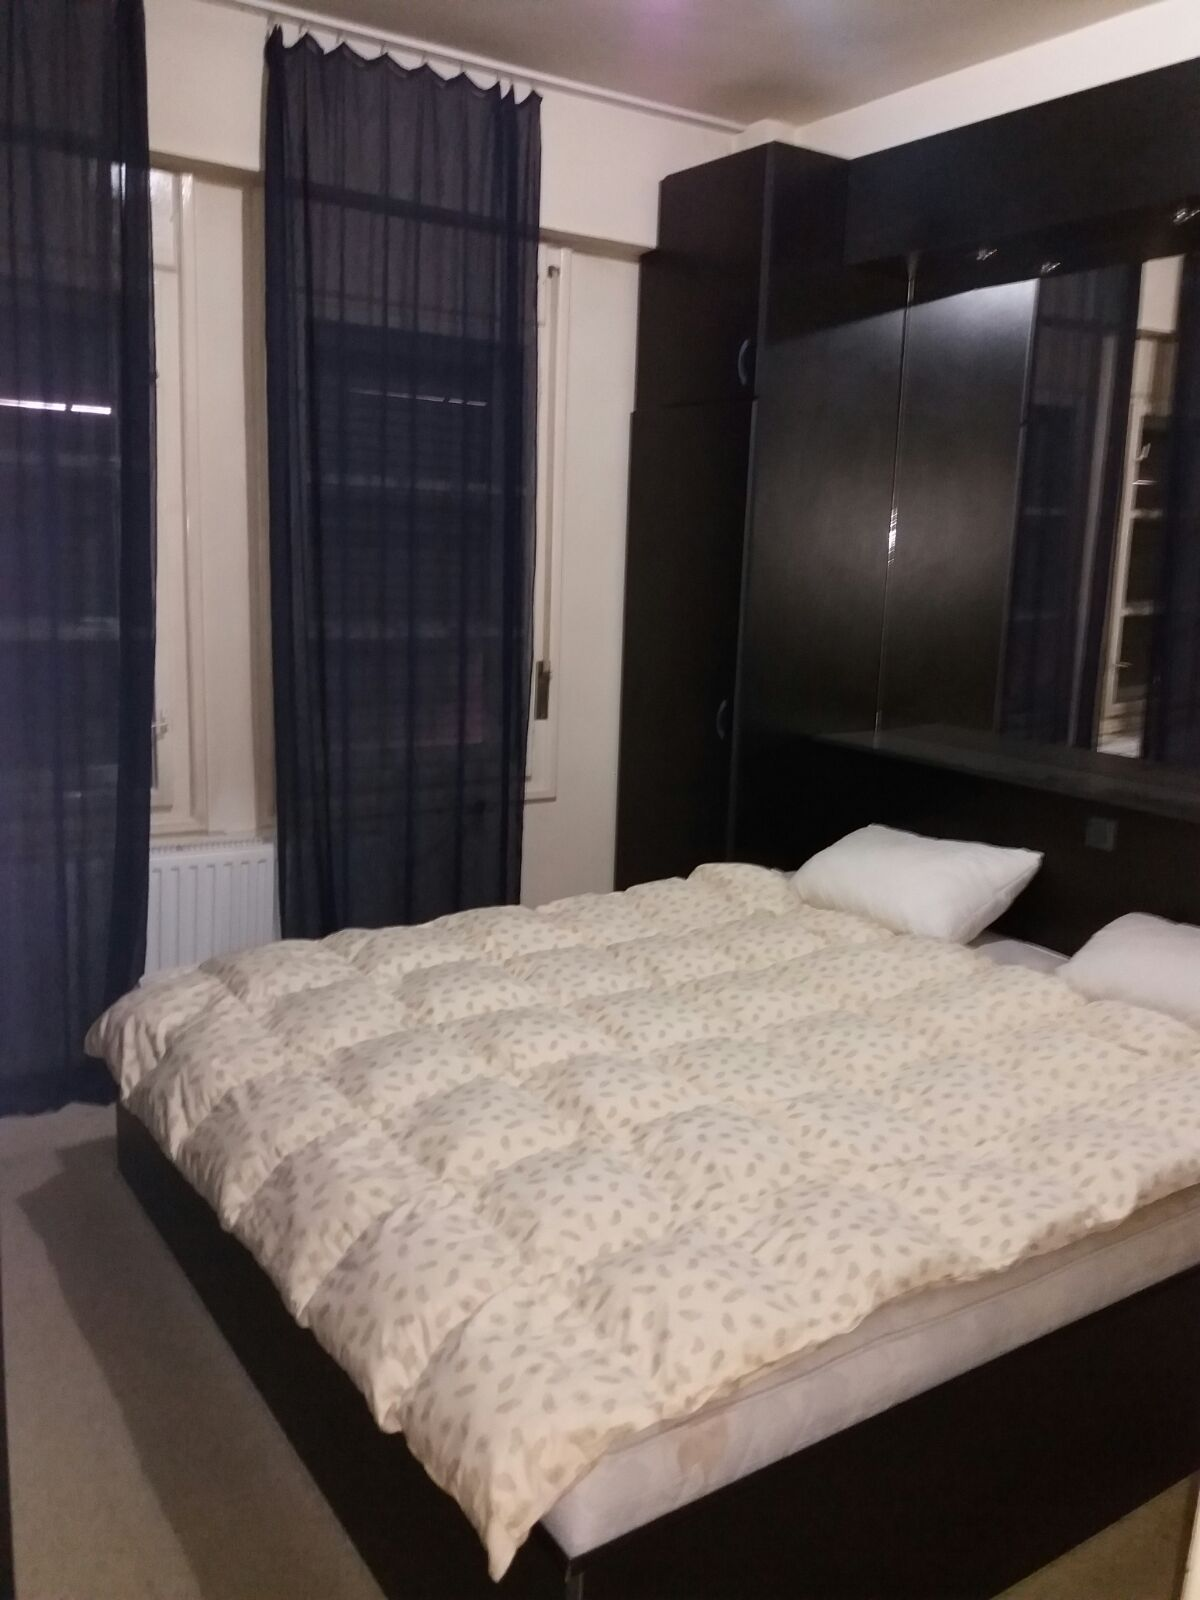 Inchiriez apartament 5 camere zona Boul Rosu